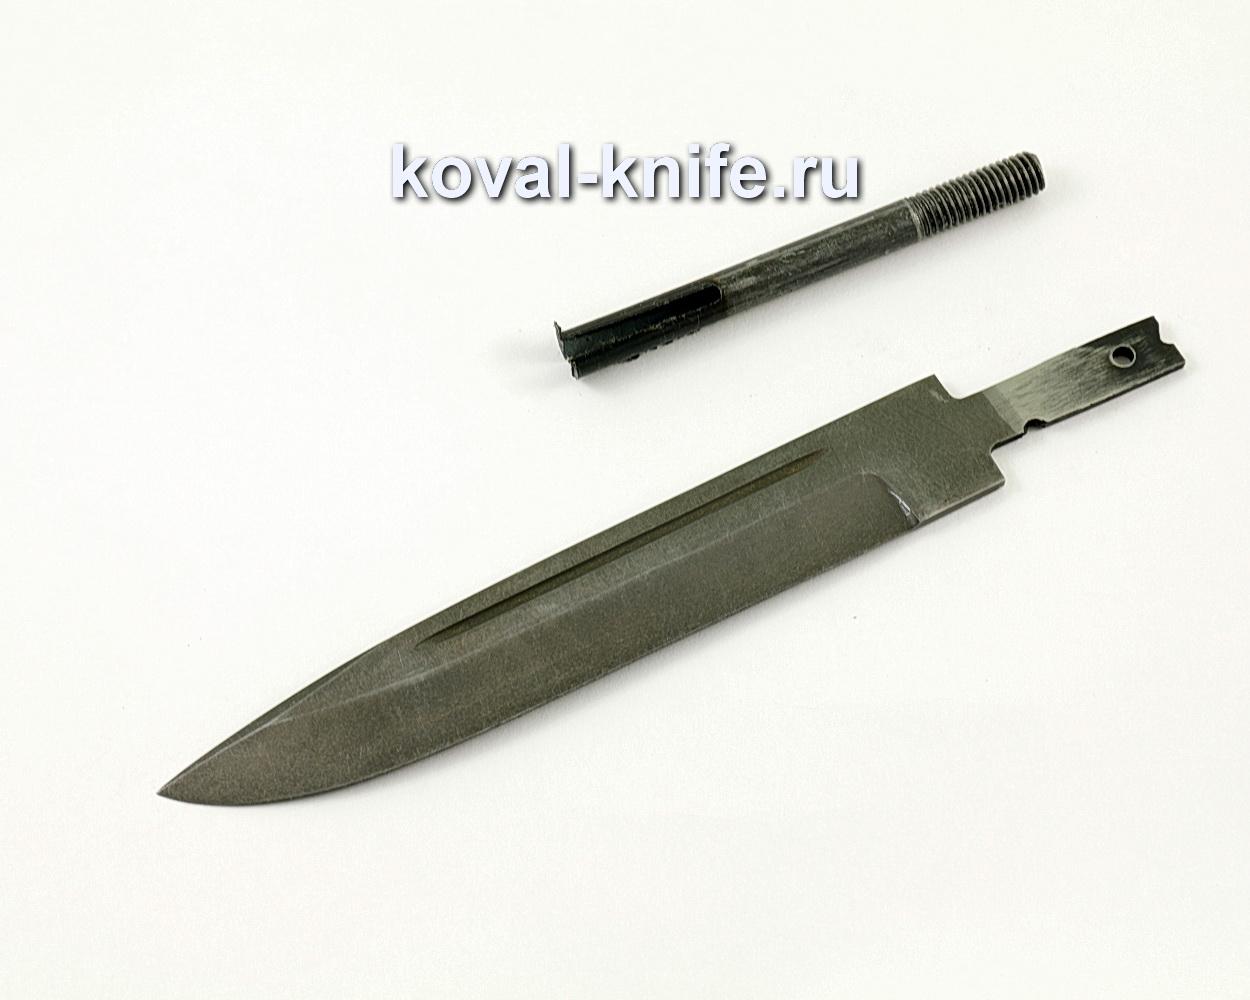 Клинок для ножа из булатной стали Вишня